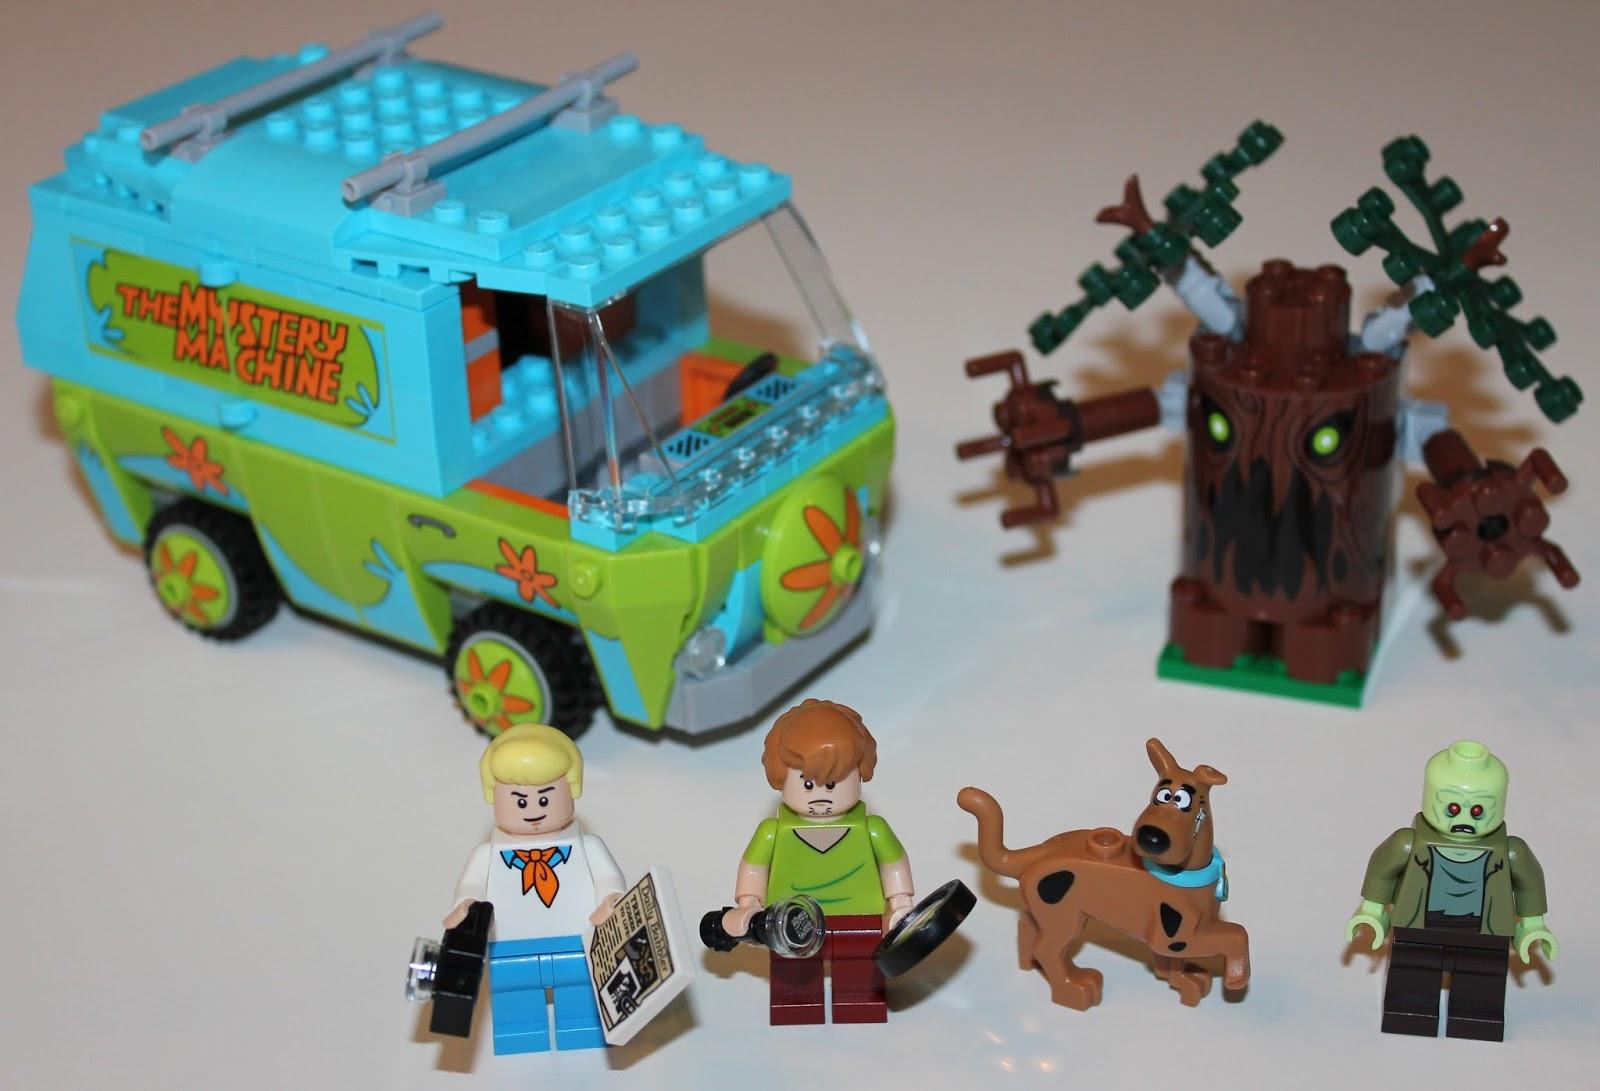 Sons Of Scooby TwilightLego Doo Machine Mystery xrdBeCo